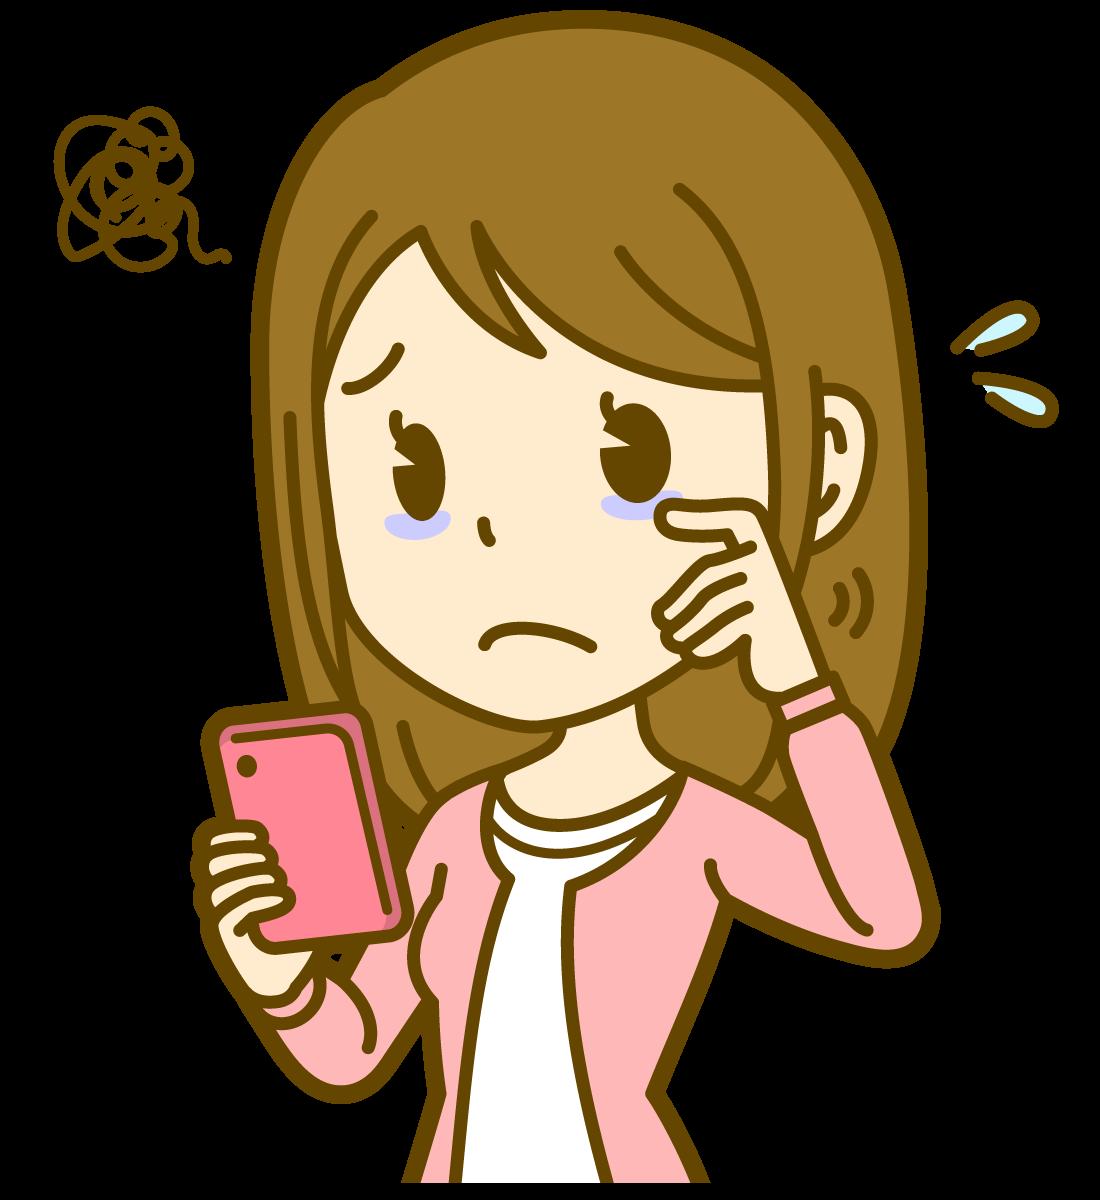 電話占い依存症